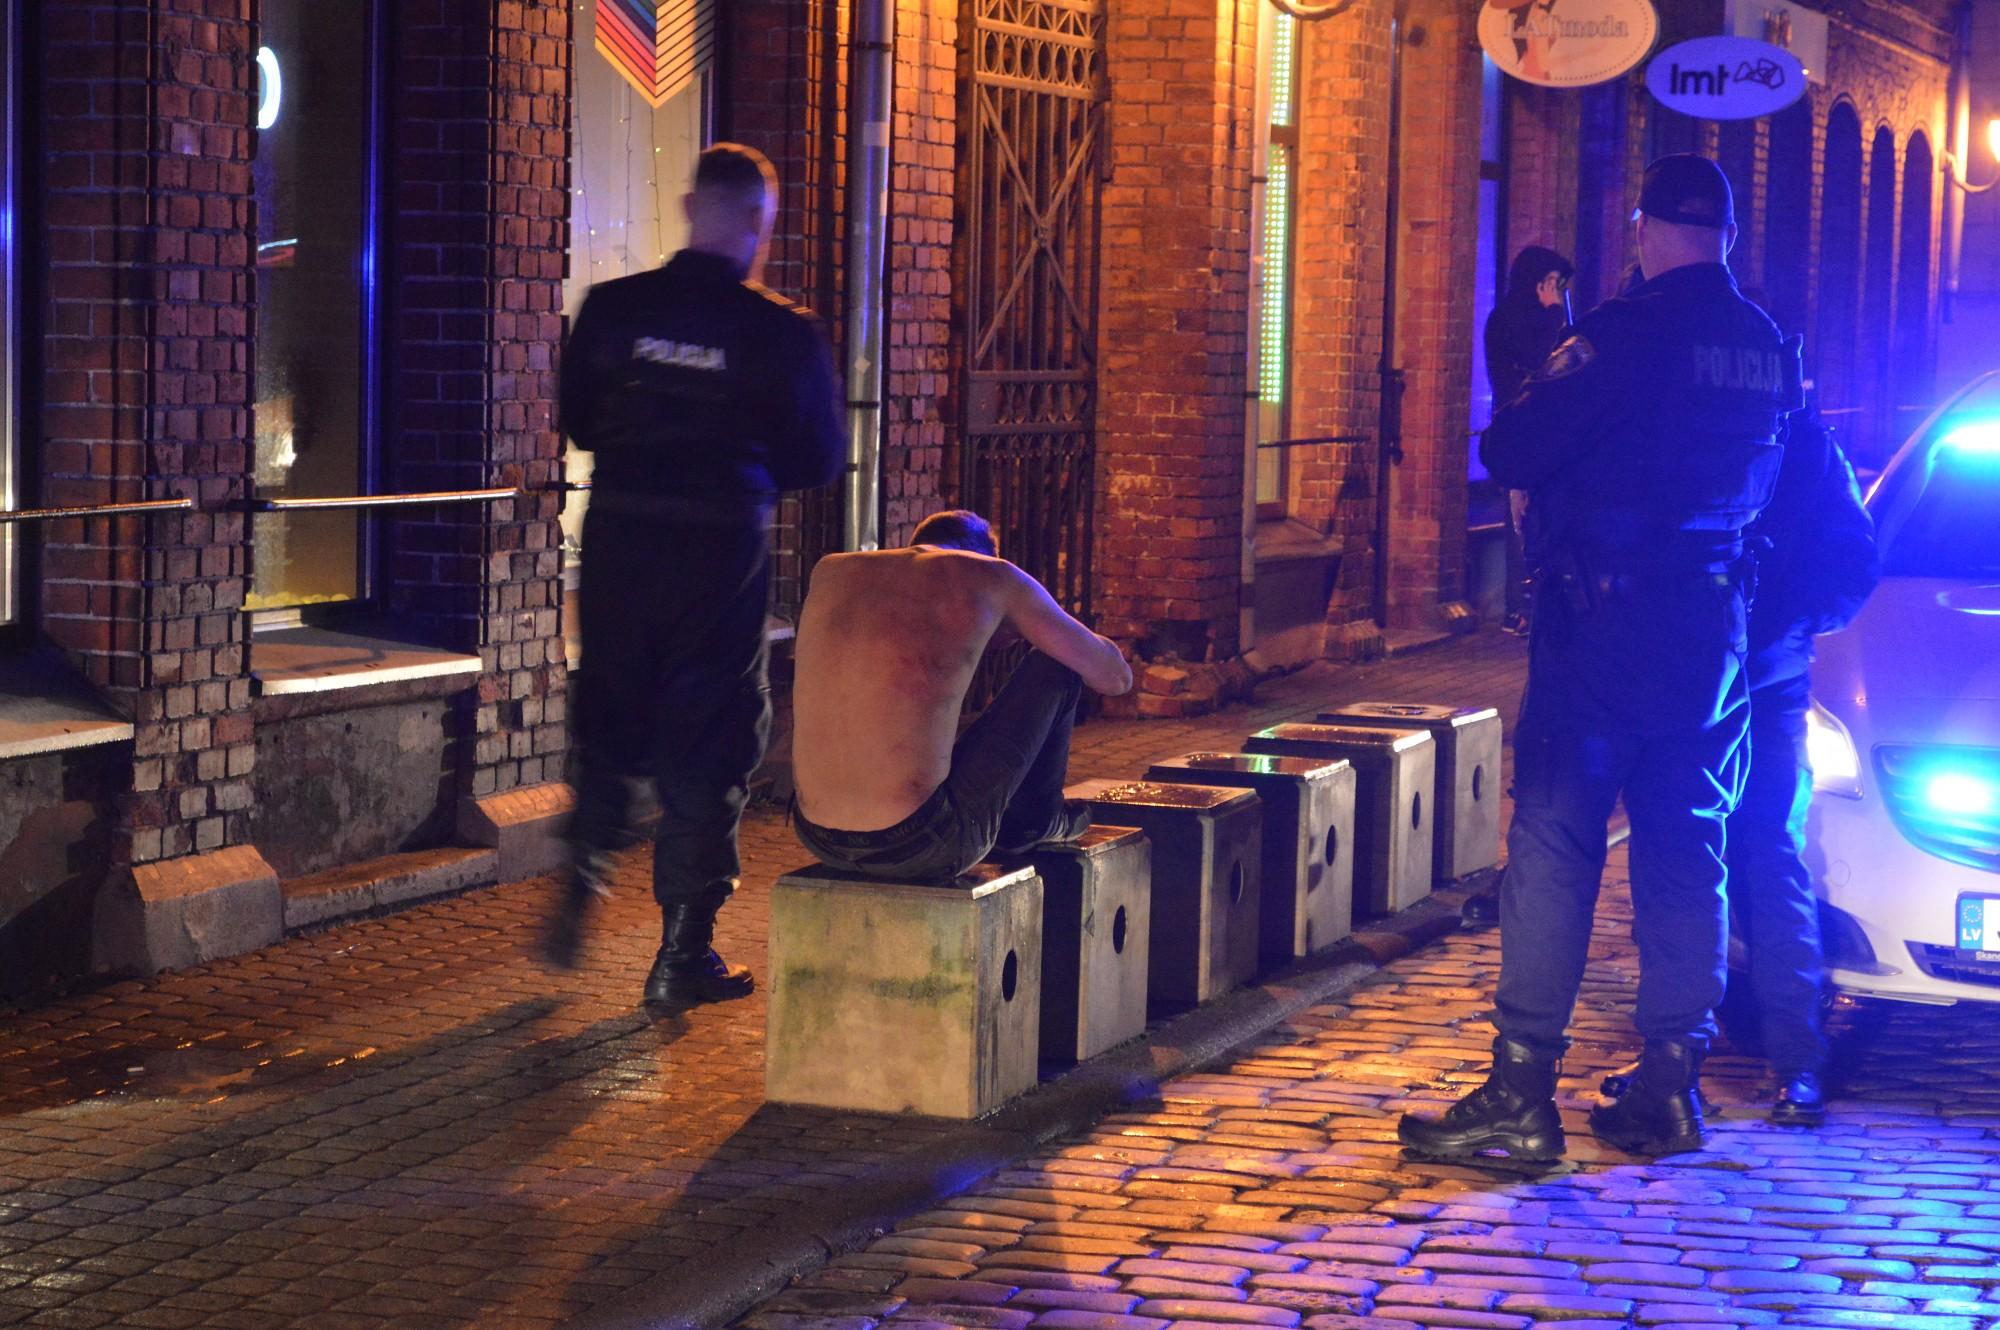 Nakts patruļa ar policistiem. Likumsargi cēla gulošos un izšķīra kautiņu